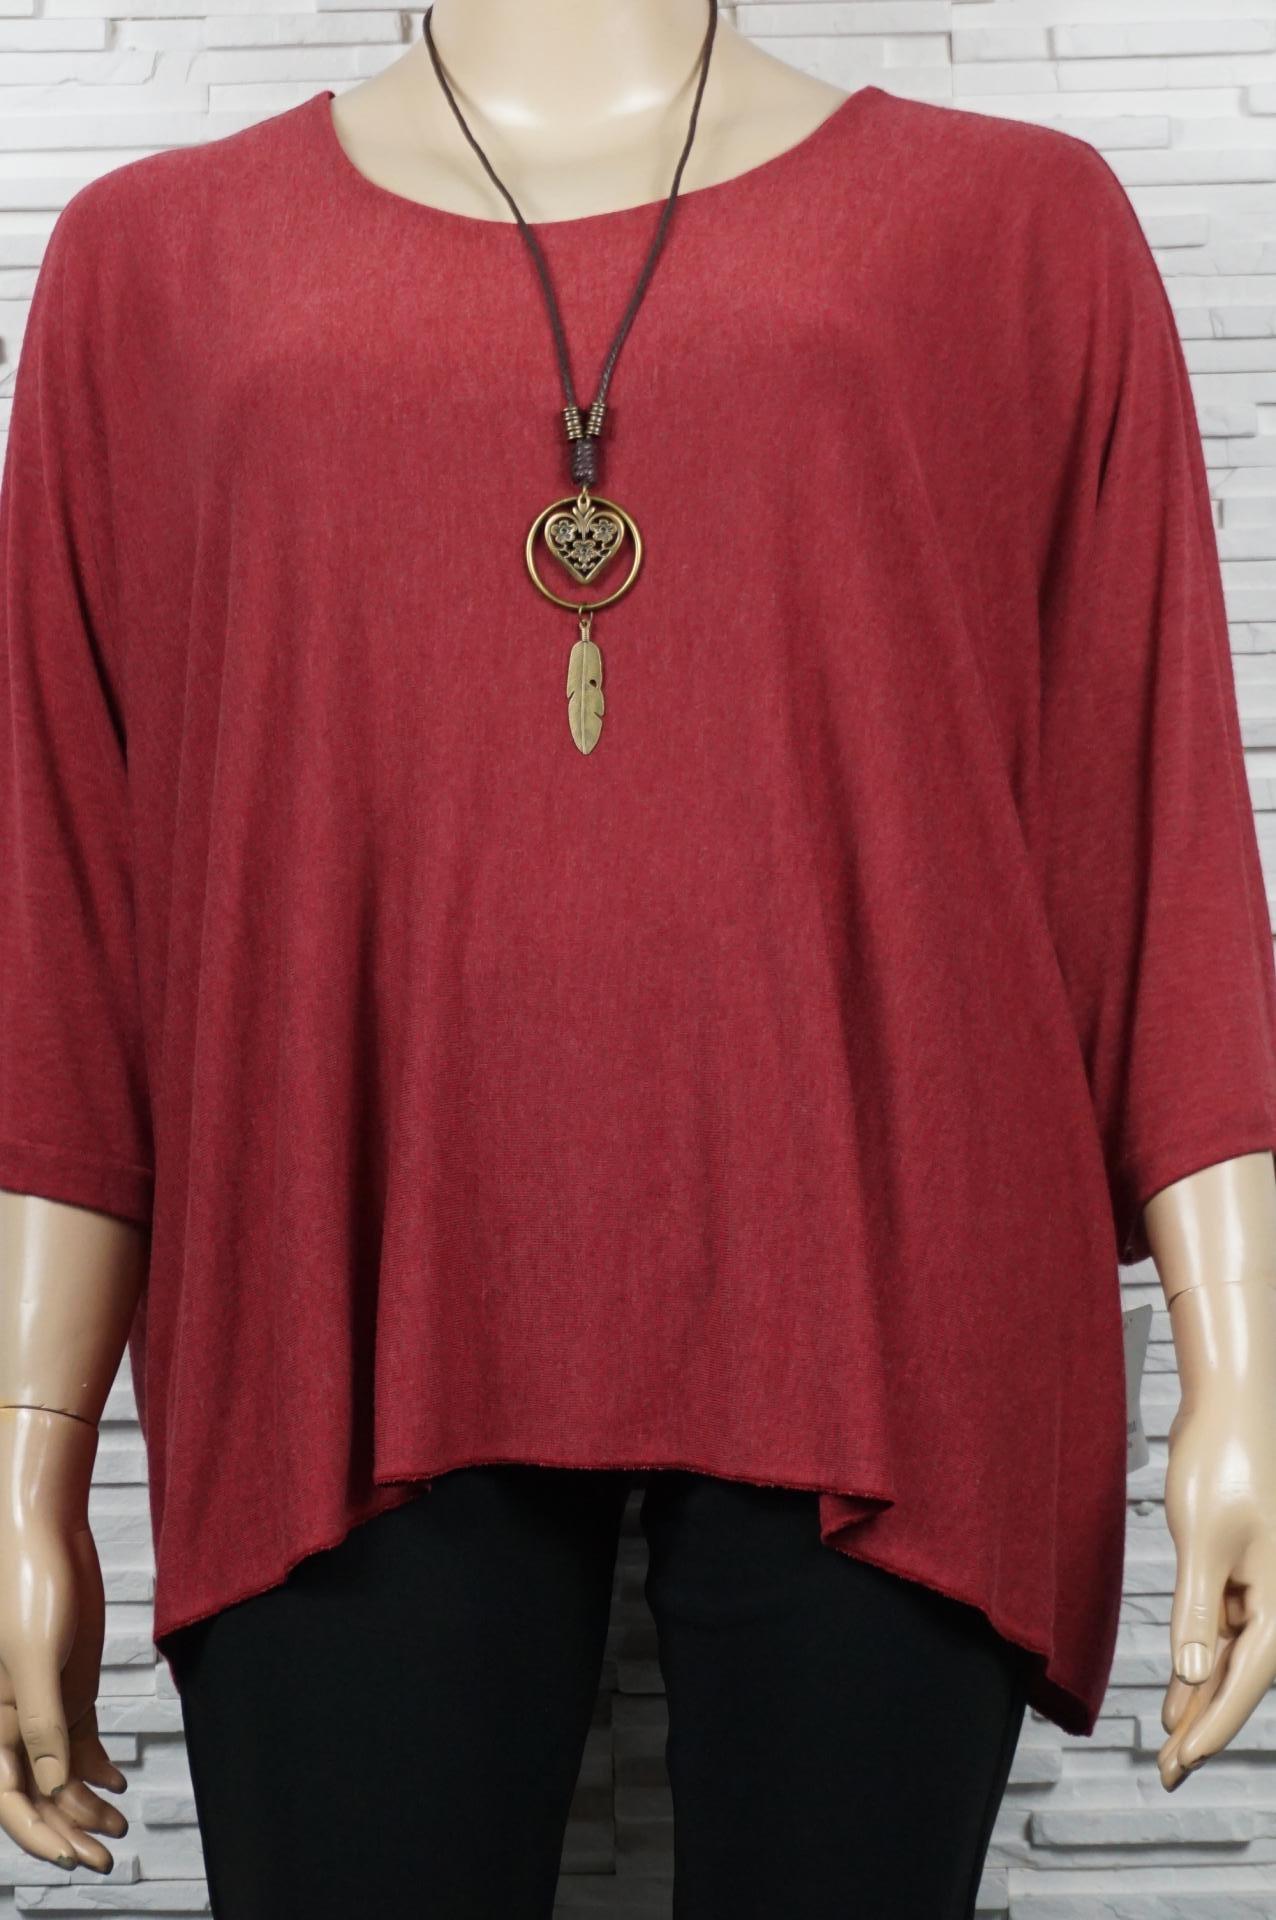 Tunique chauve-souris avec collier.